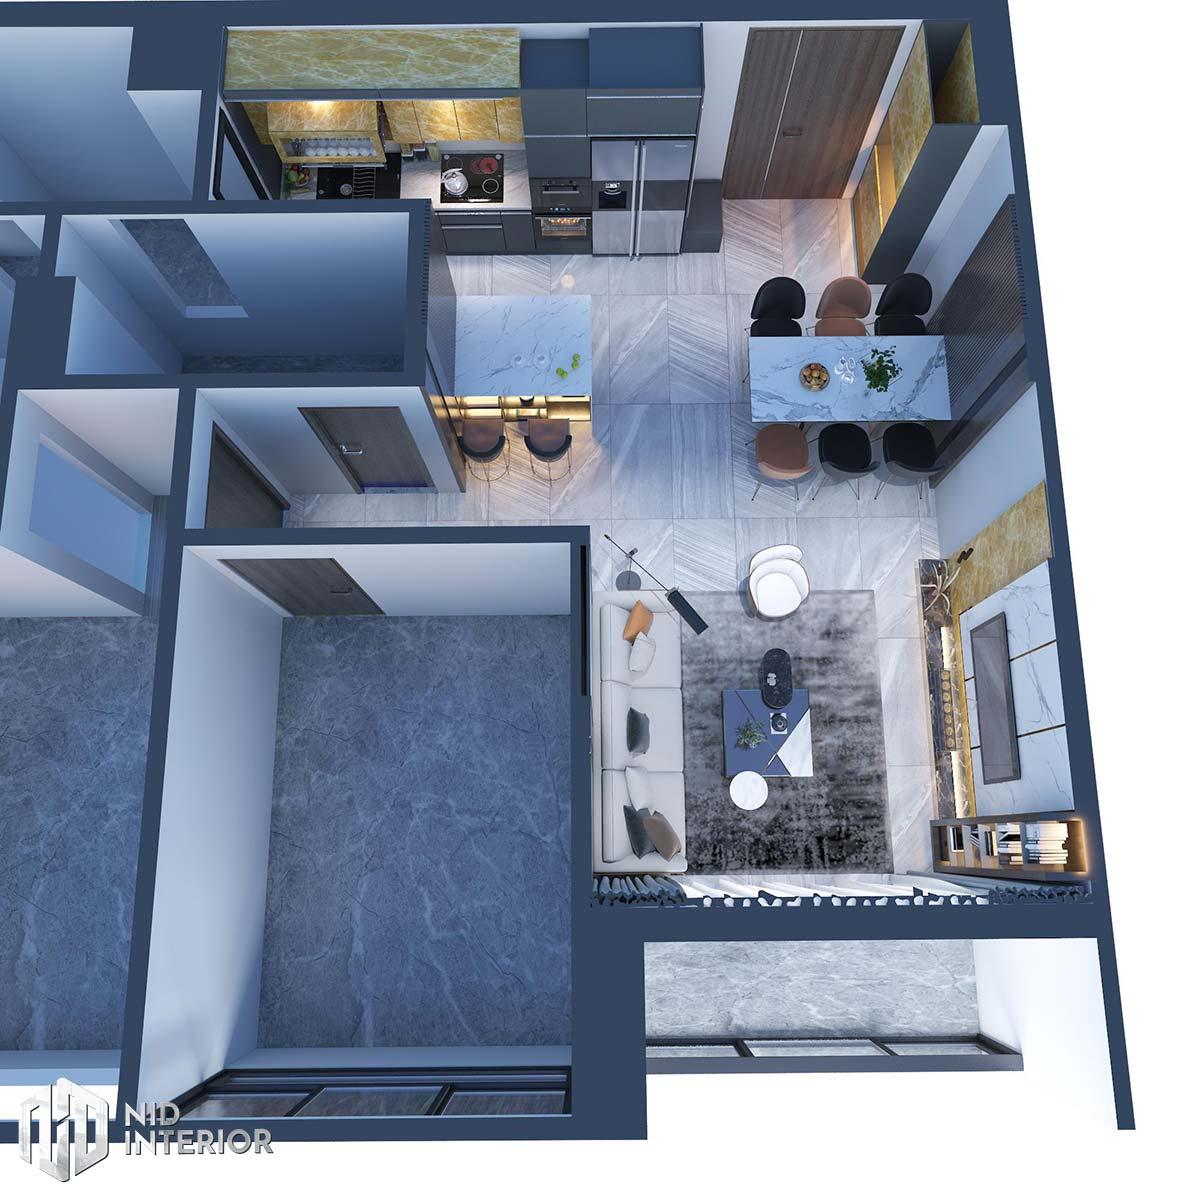 Thiết kế nội thất căn hộ The Grande Midtown - Mặt bằng